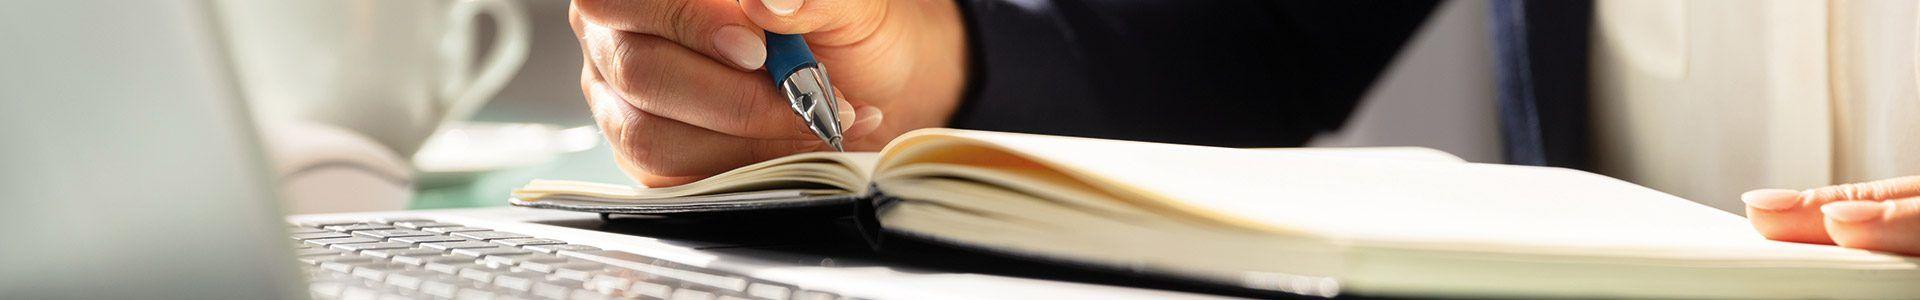 13 tips voor het schrijven van pakkende blog titels